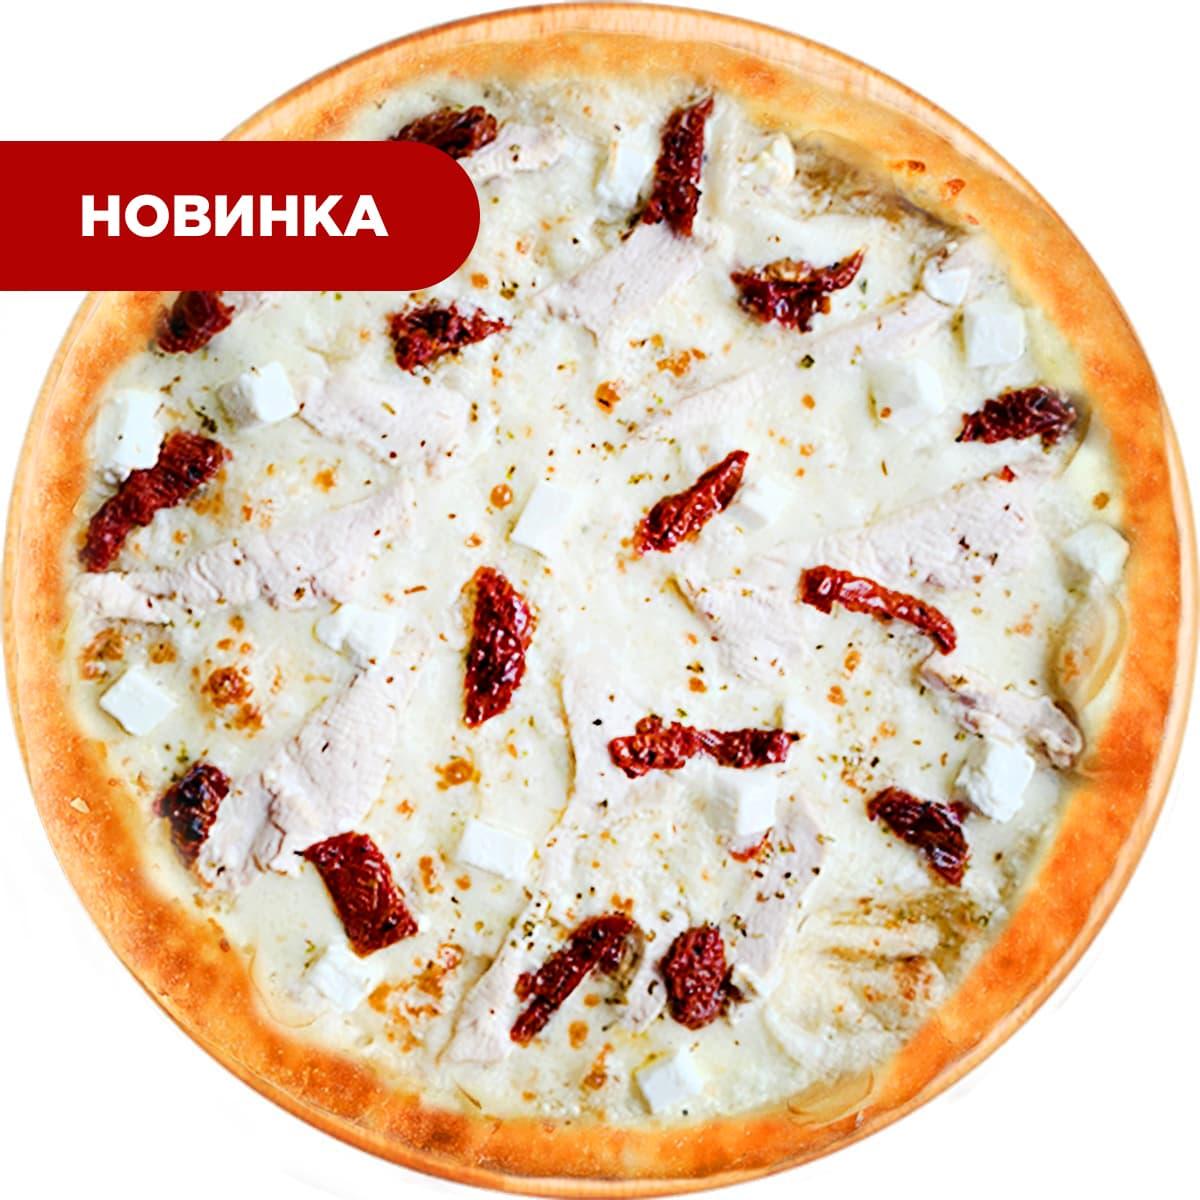 новинка пицца Ди Полло от Pablito